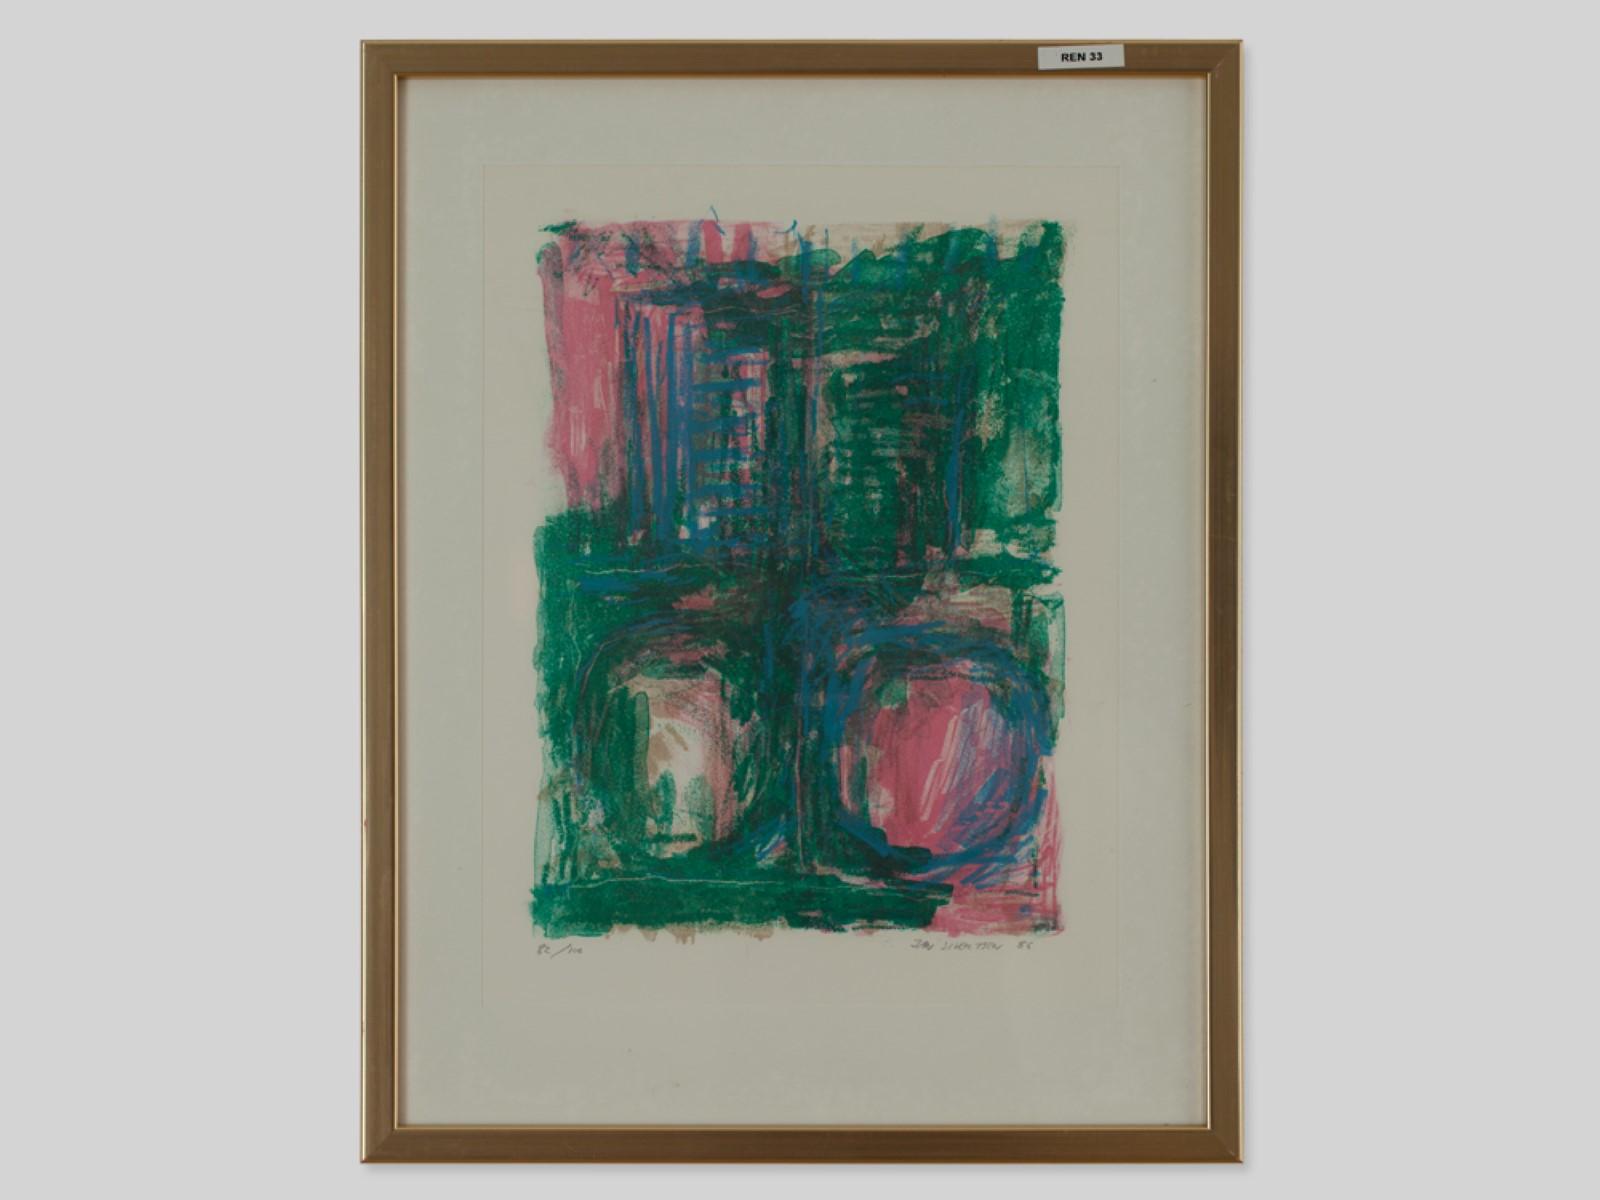 #70 Jan Sivertsen* (1951), Composition 1986   Jan Sivertsen* (1951), Komposition 1986 Image